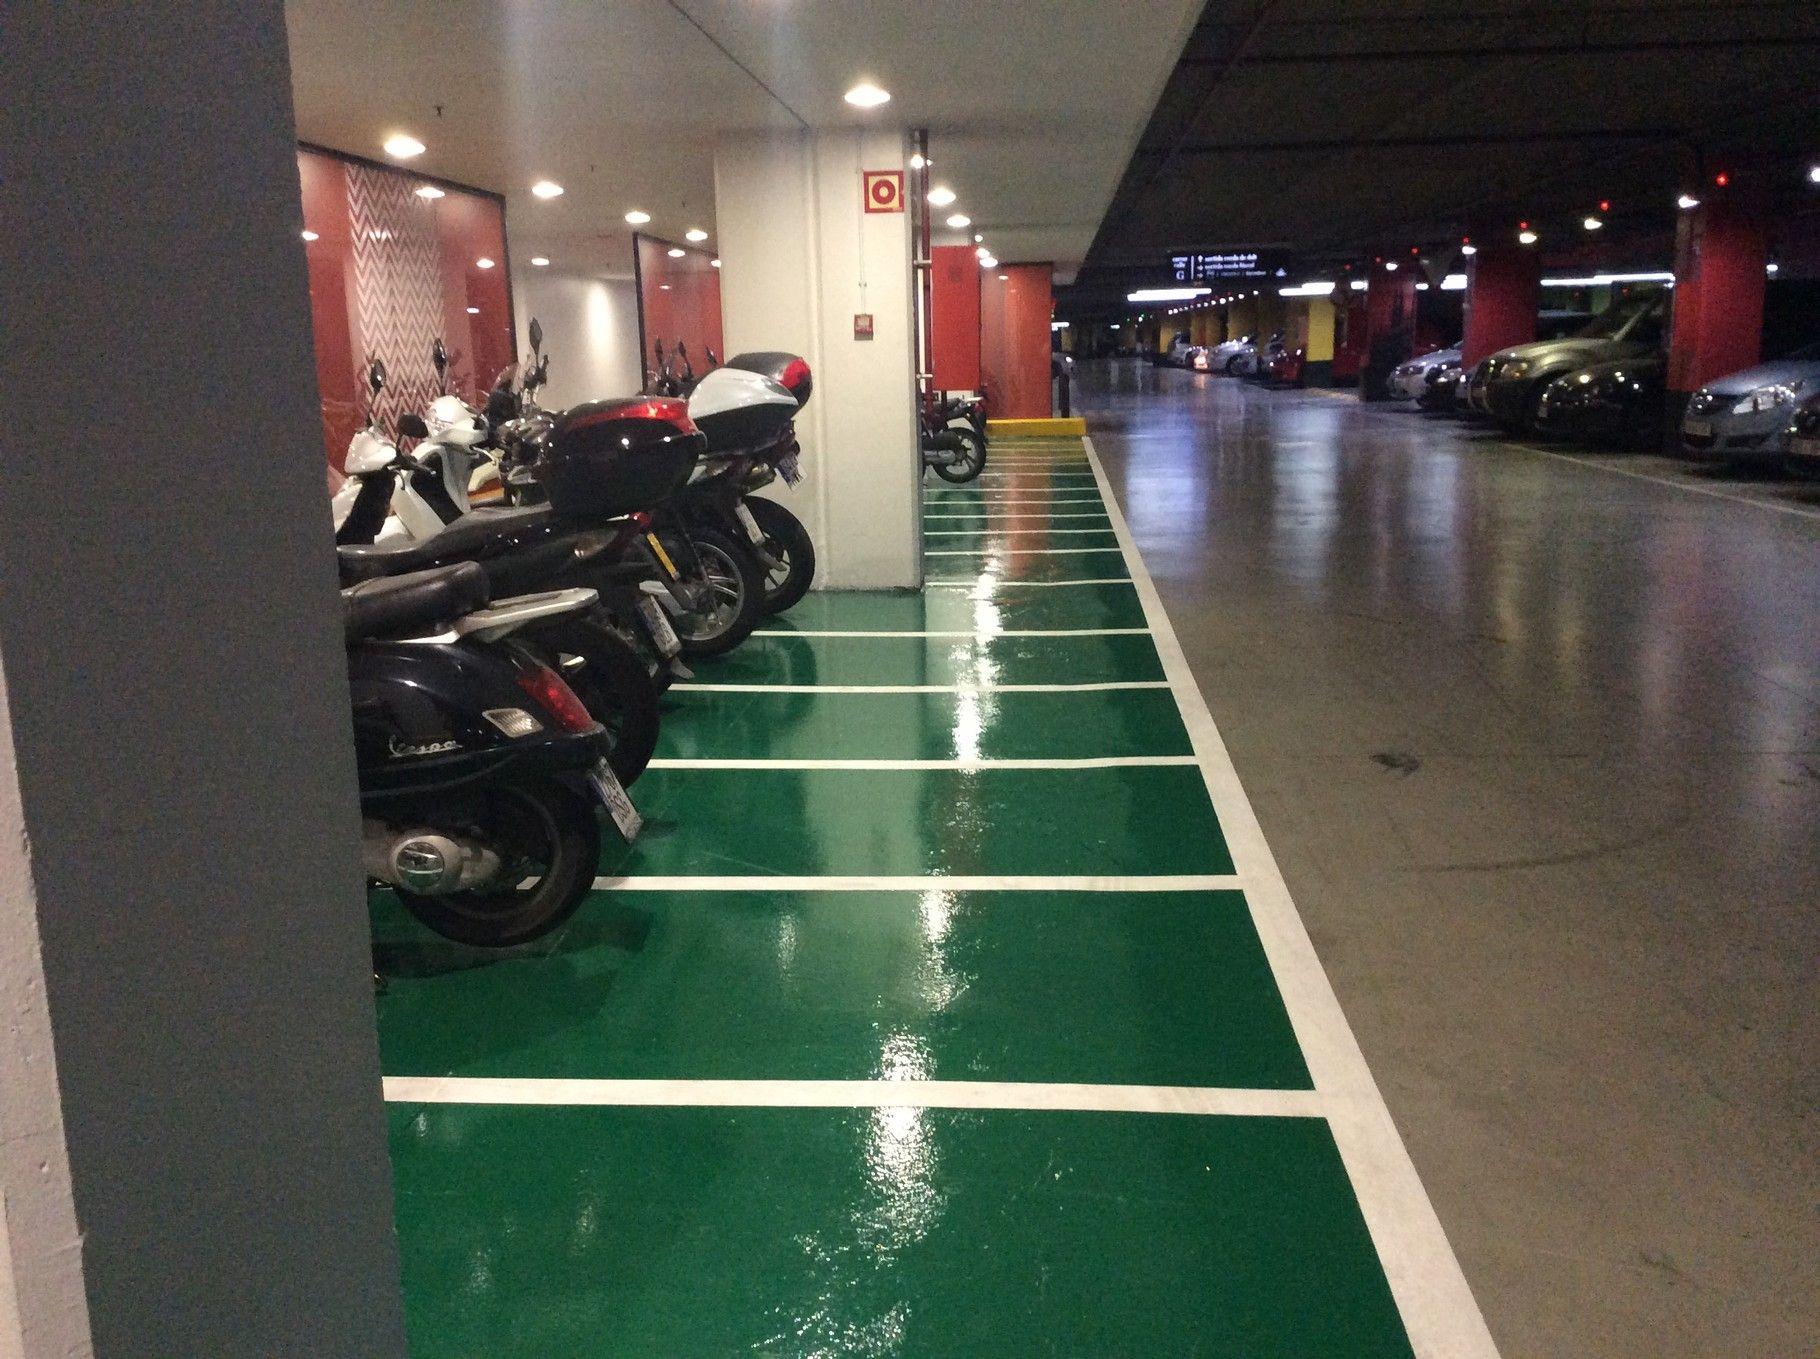 Parking motos barcelona pintura epoxi reci n pintado suelos pavimentos industriales blog - Pintura suelo parking ...